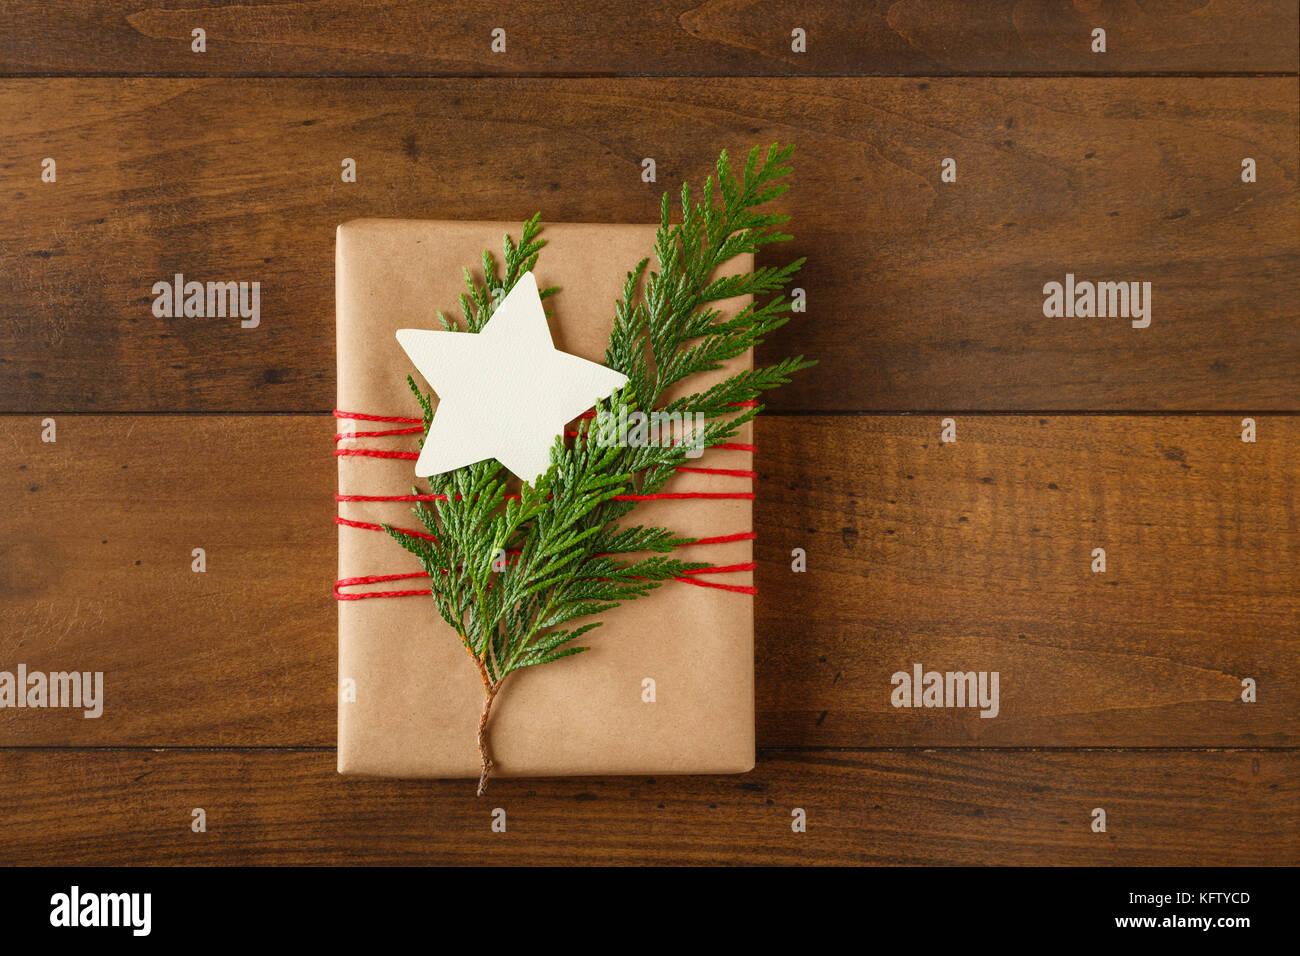 Regalo de navidad envuelto en papel de embalaje reciclados con decoraciones y siempreverdes naturales una virgen, Imagen De Stock